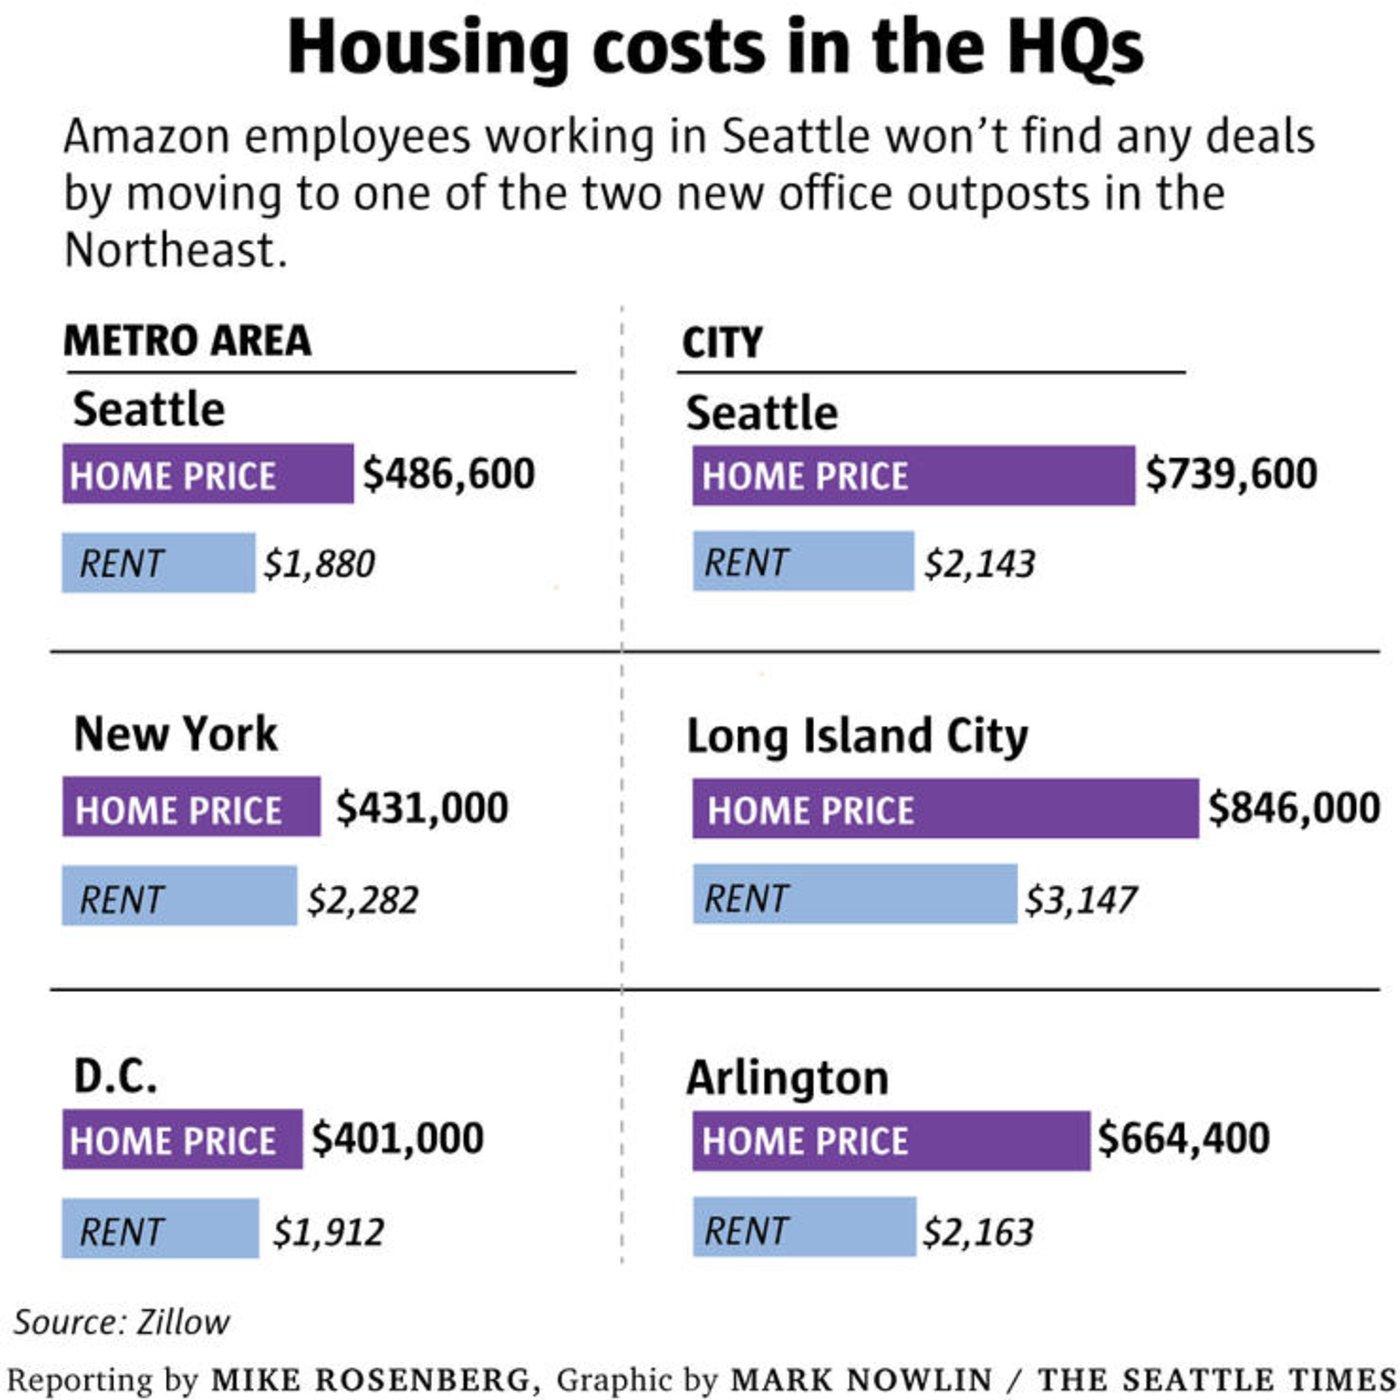 西雅图、华盛顿、纽约三地房价对比